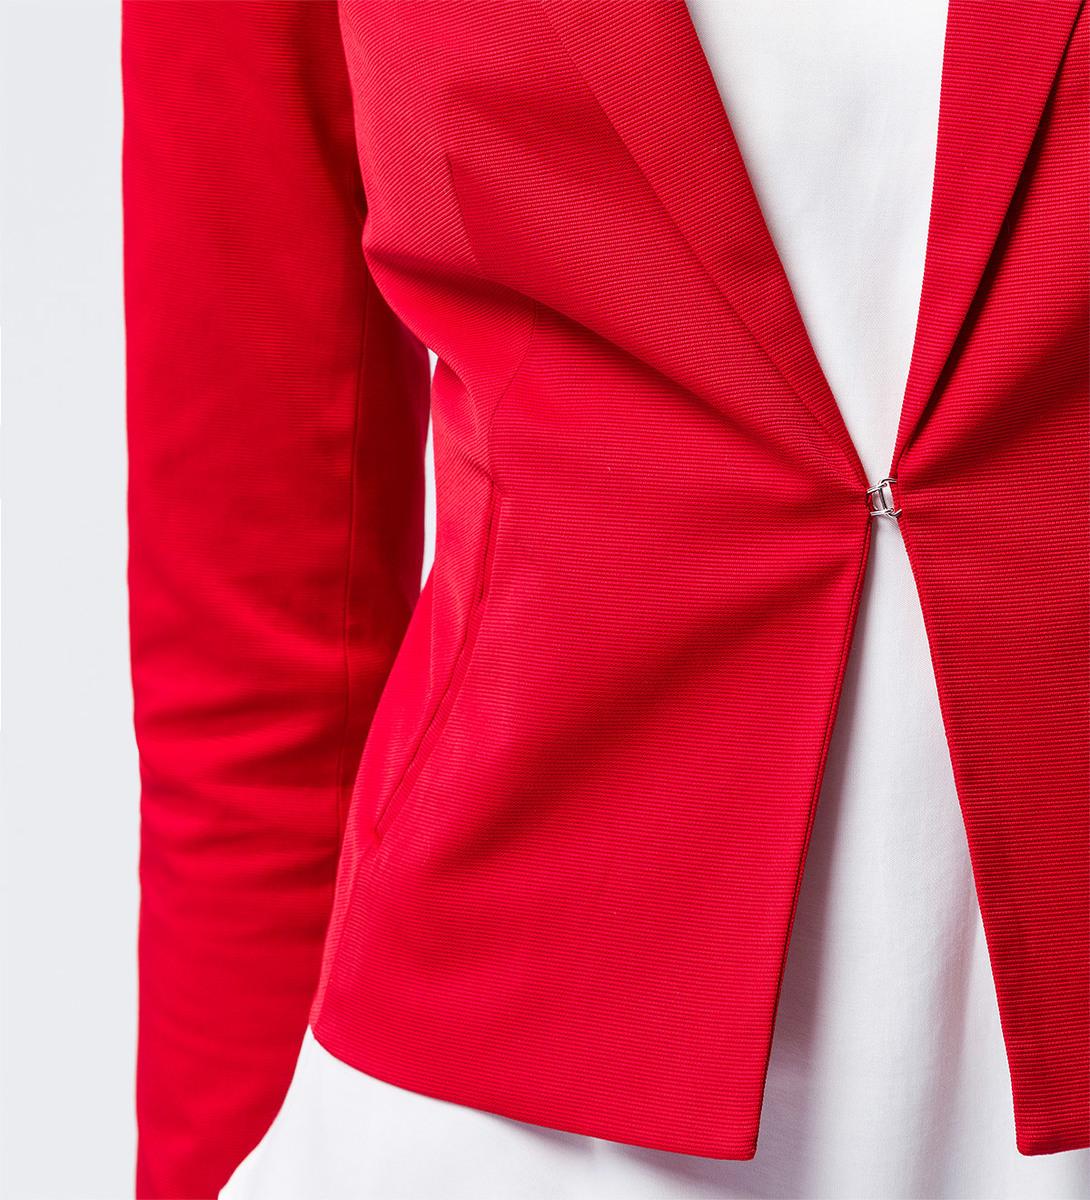 Blazer mit strukturierter Oberfläche in chili red